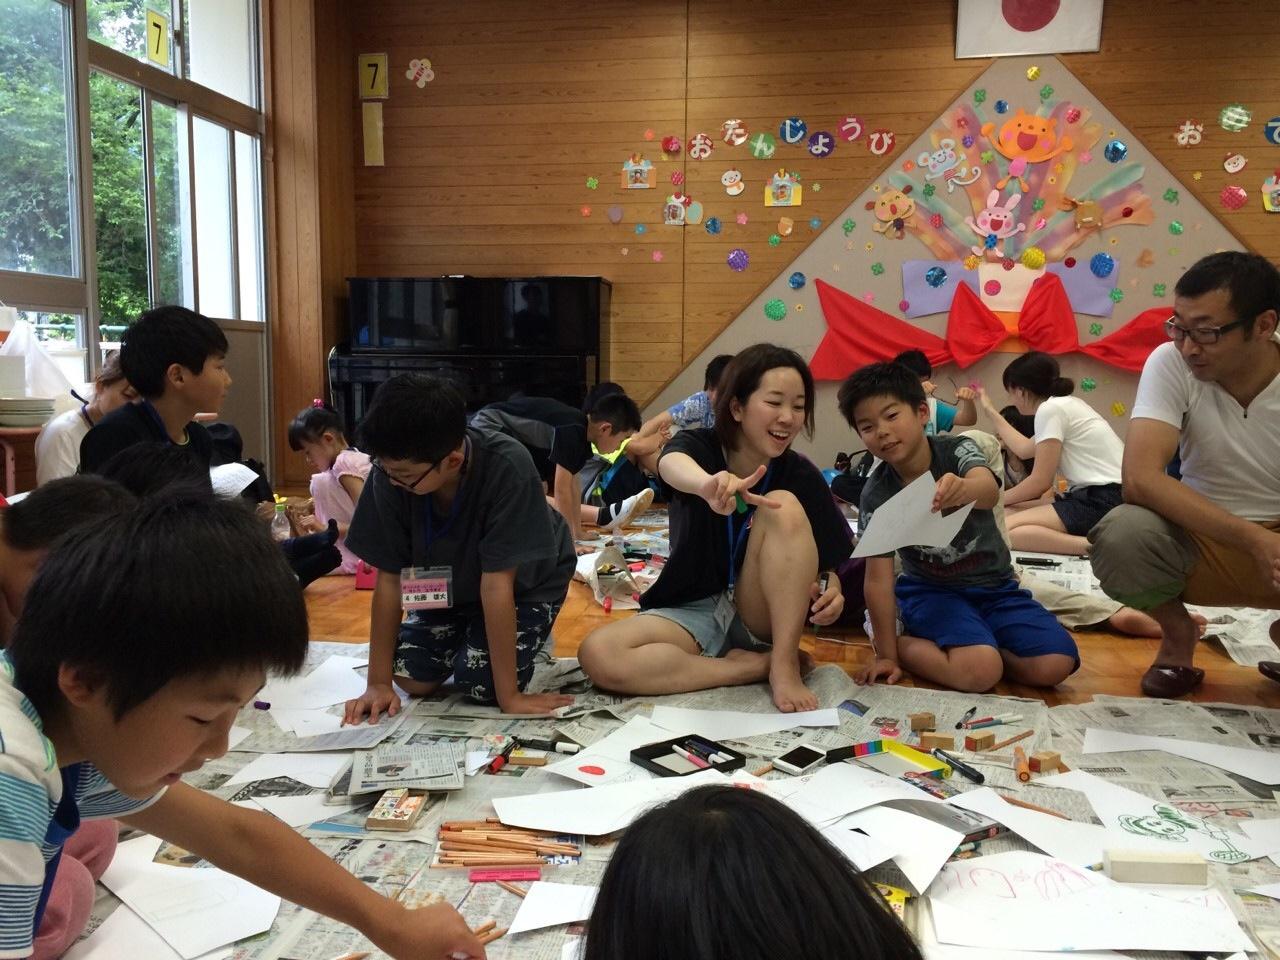 http://www.jindai.ac.jp/blog/HP2_0811.JPG